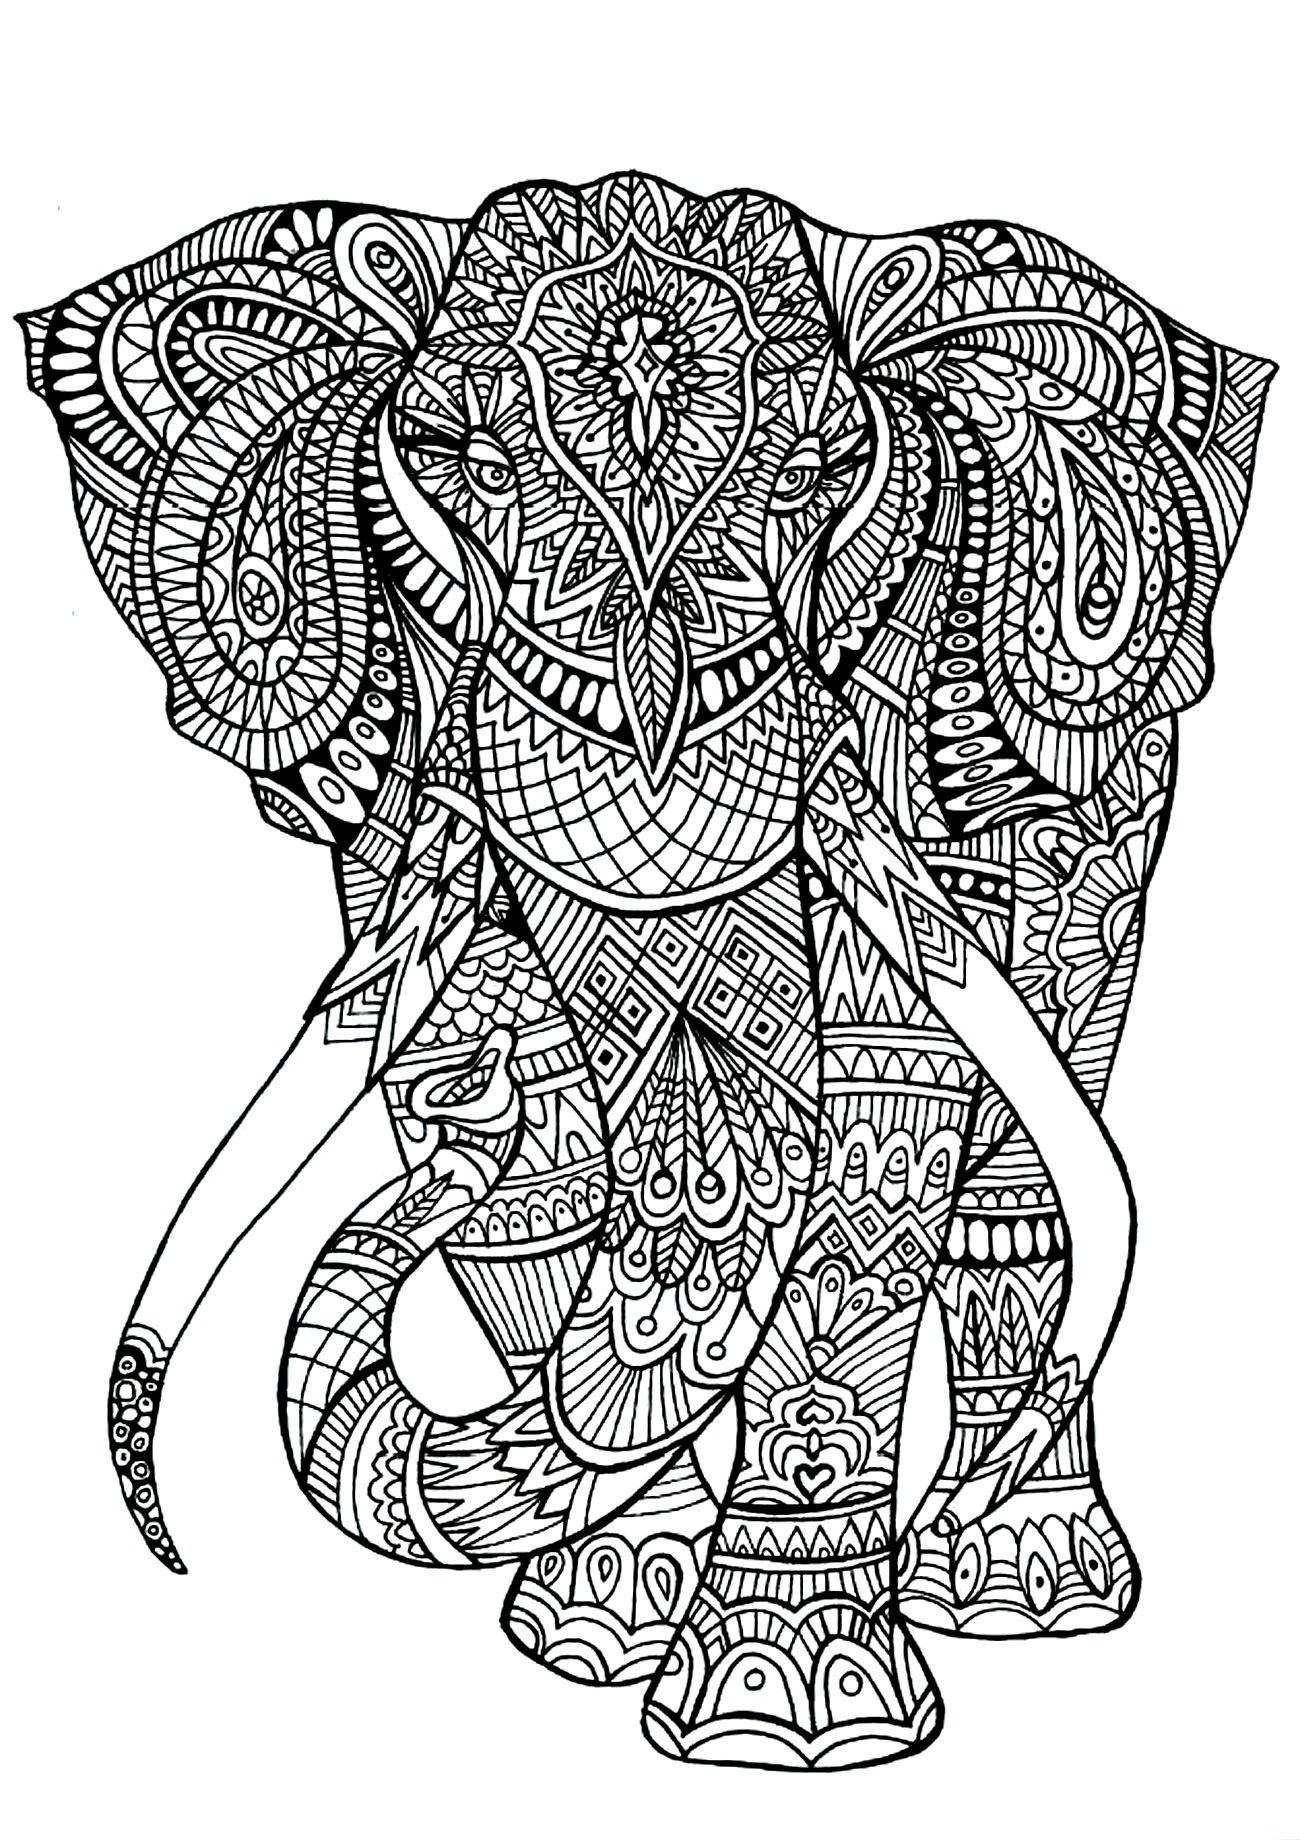 Mandala Mandala Boyama Mandala Calismasi Mandala Desenleri